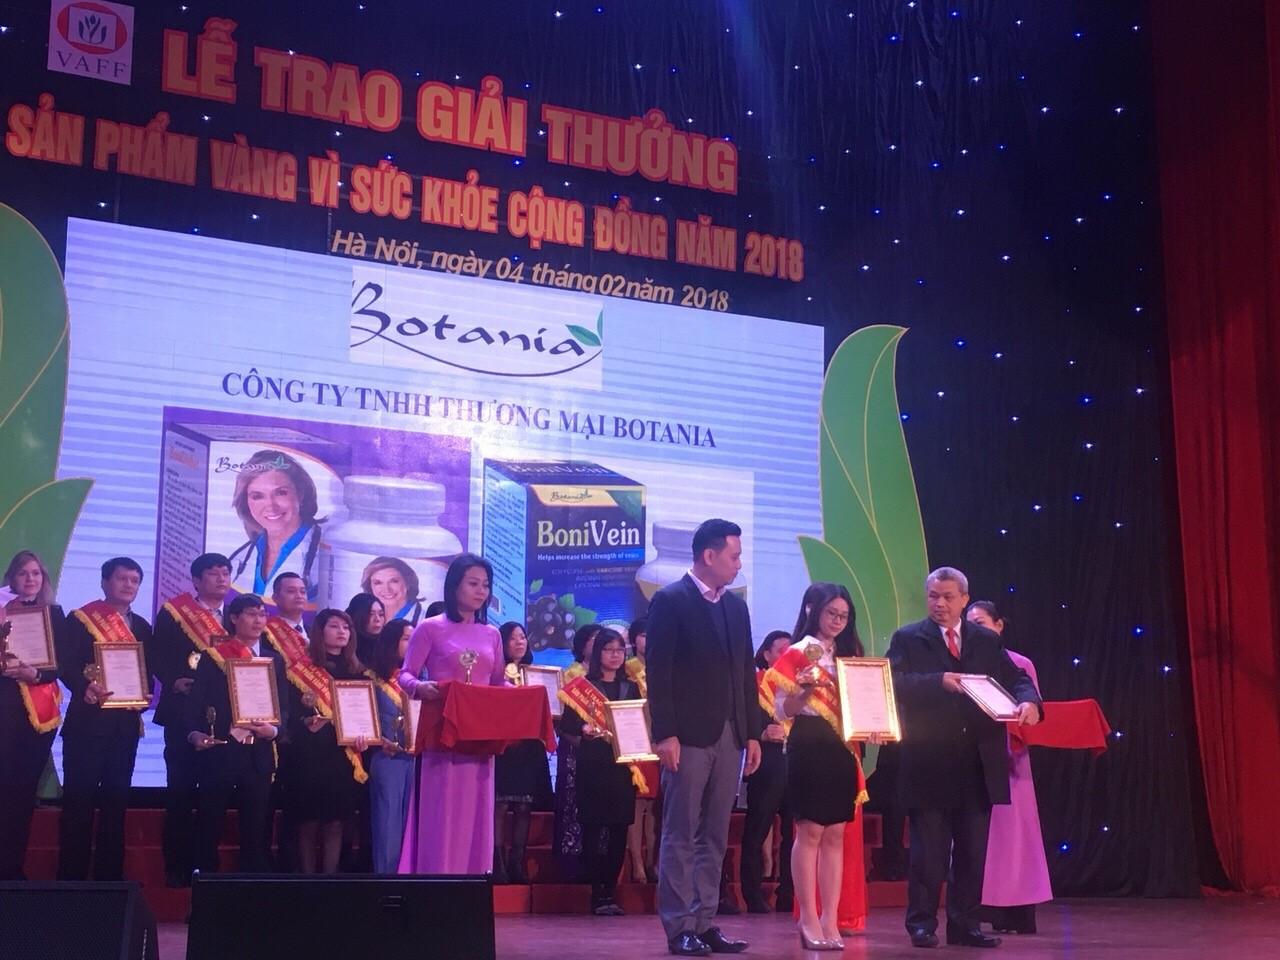 Botania – 10 năm tình yêu bền vững với sức khỏe người Việt - Ảnh 6